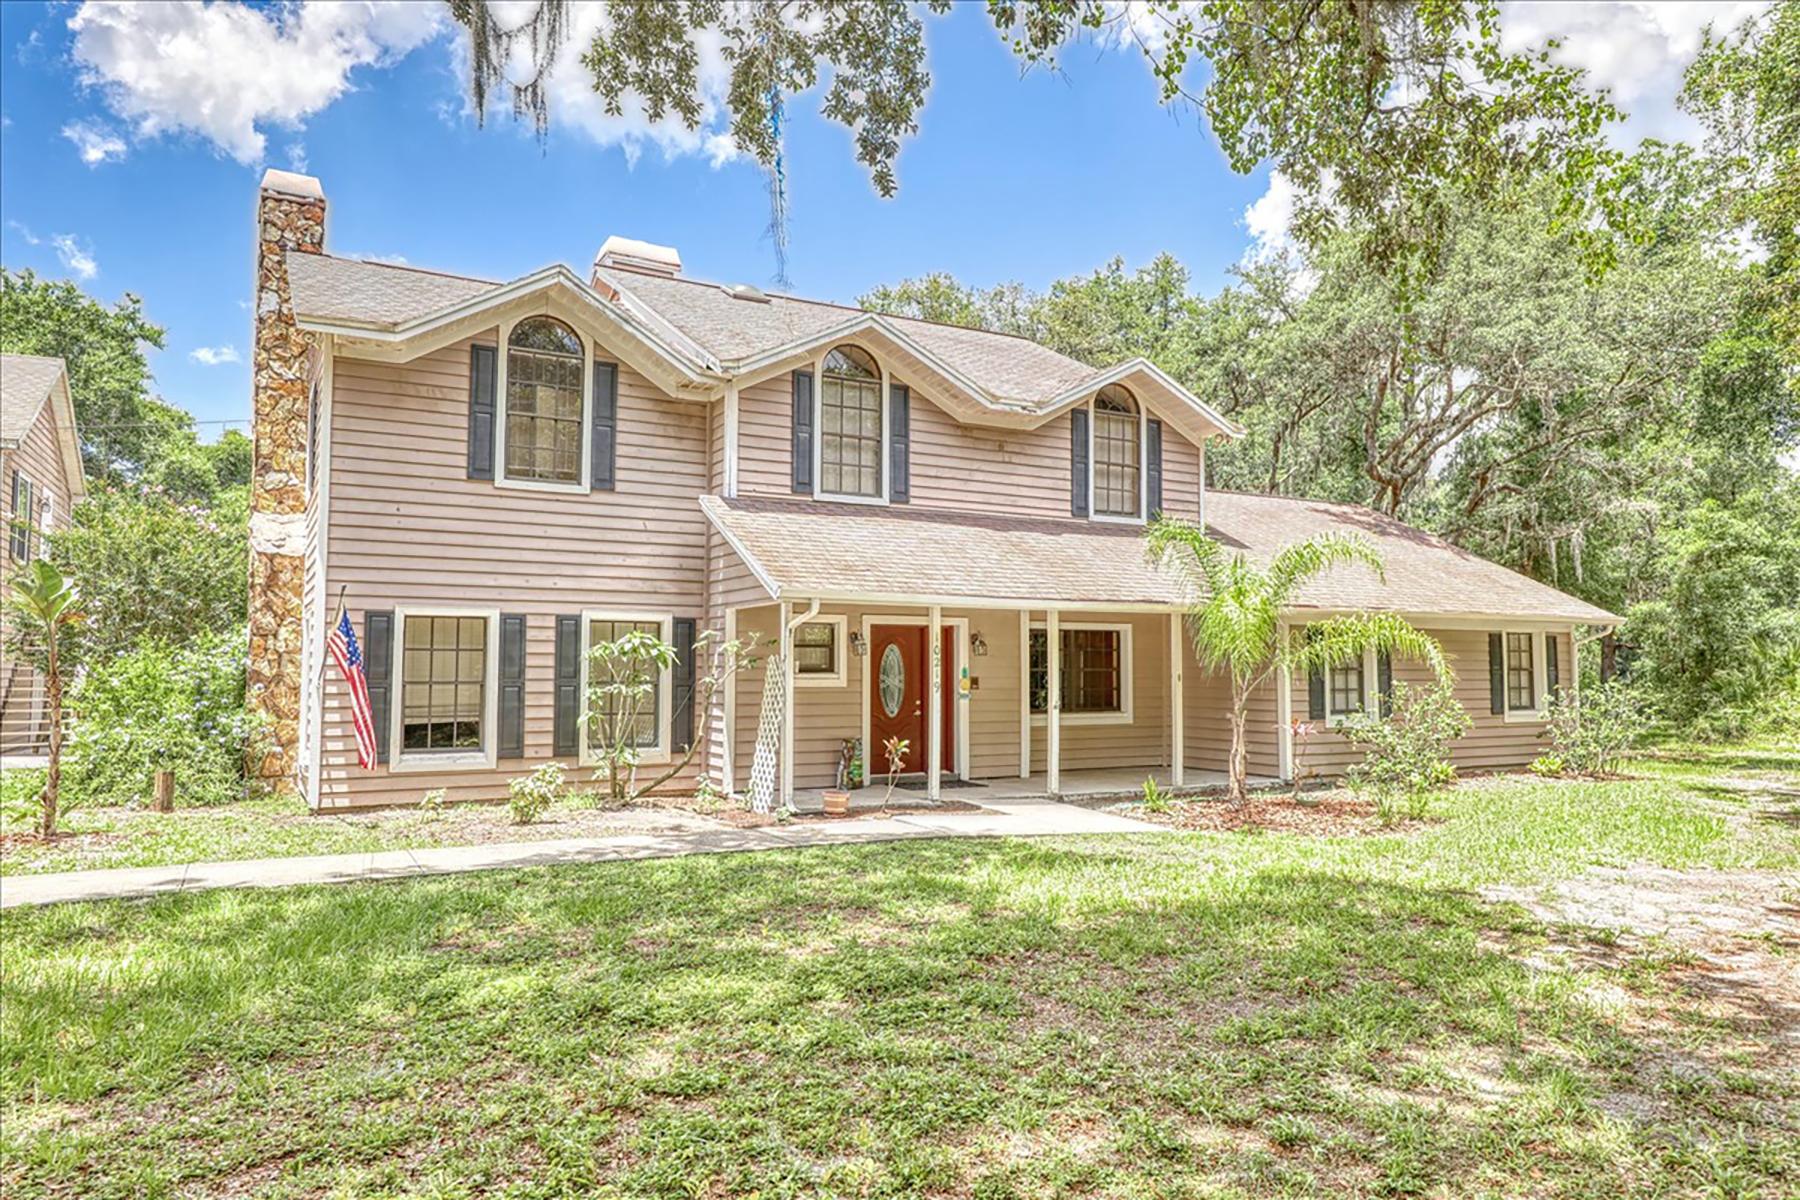 Single Family Homes für Verkauf beim RIVERVIEW 10219 Cone Grove Rd, Riverview, Florida 33578 Vereinigte Staaten